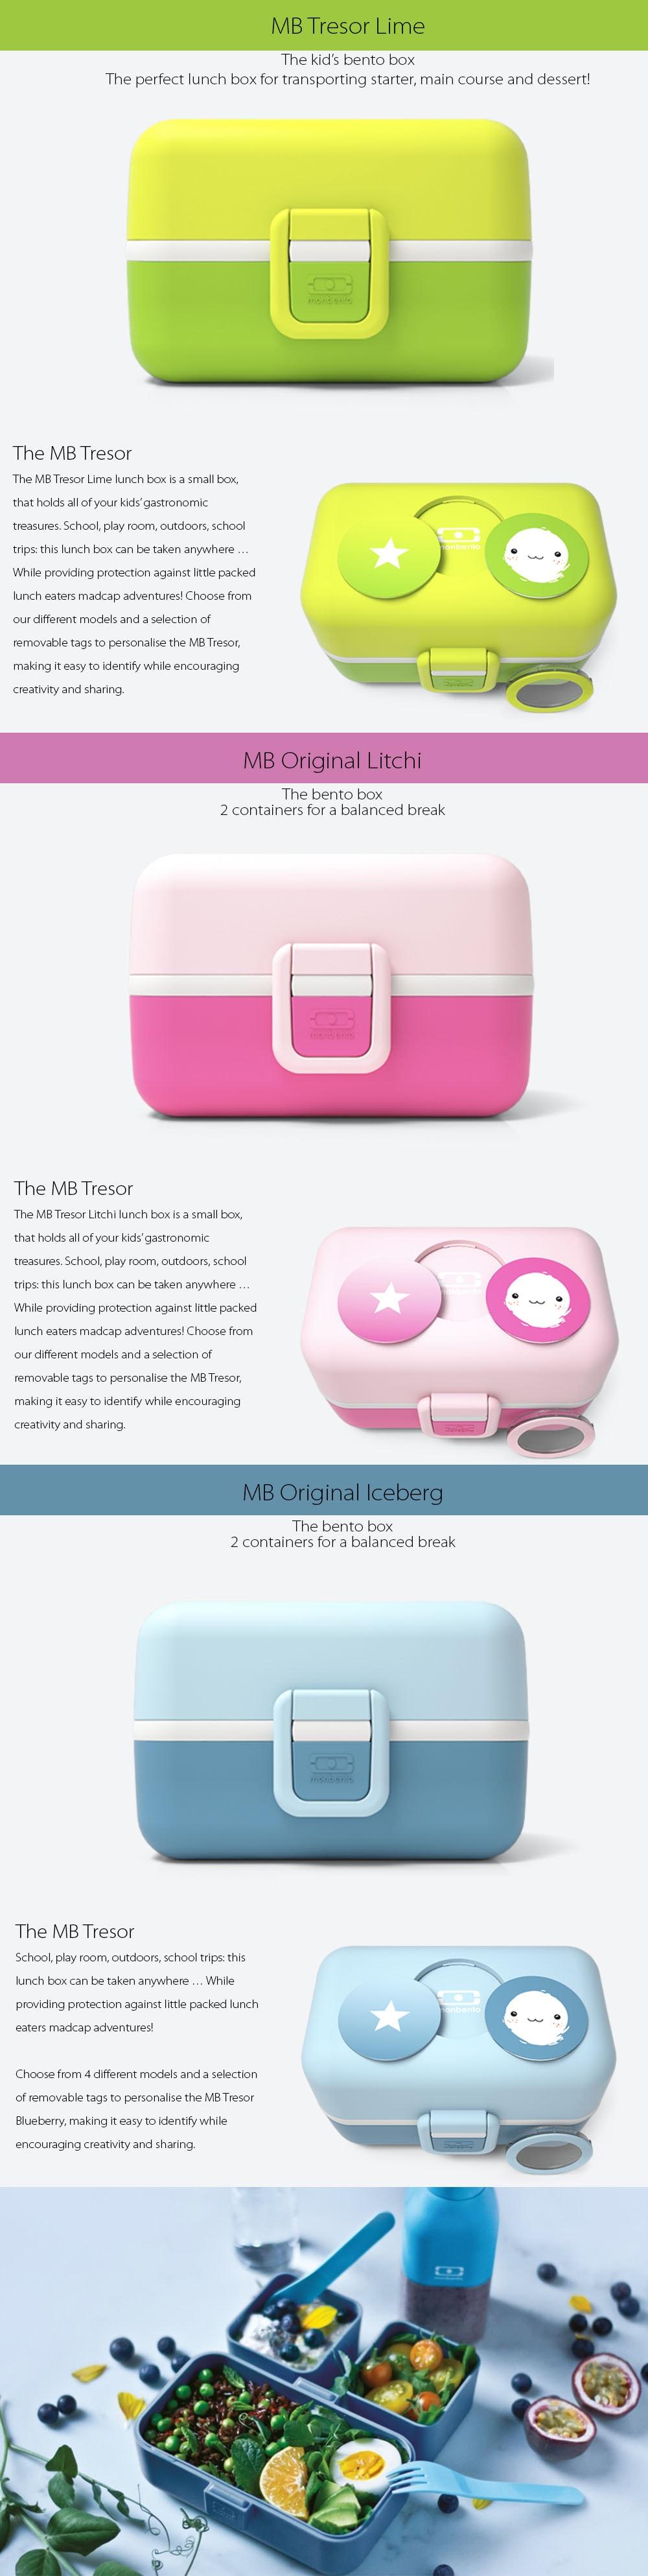 MB Tresor Bento Box The kid's bento box